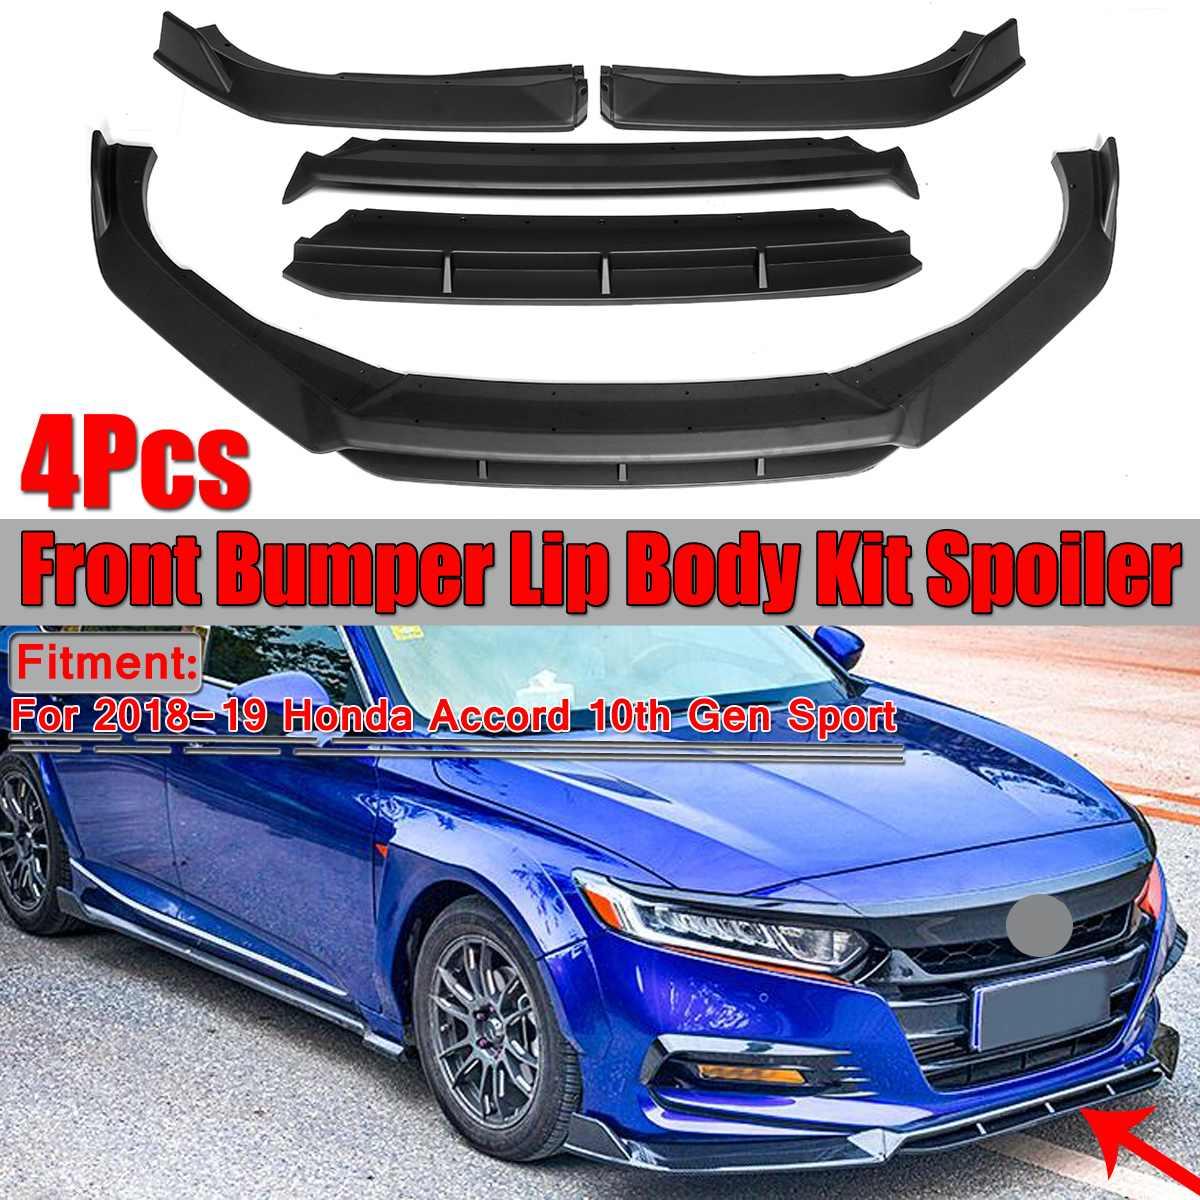 Separador de labios de parachoques delantero de coche de 4 piezas, Kit de carrocería, divisor de alerón, parachoques delantero para Honda Accord para 10 2018 2019 Gen Sport